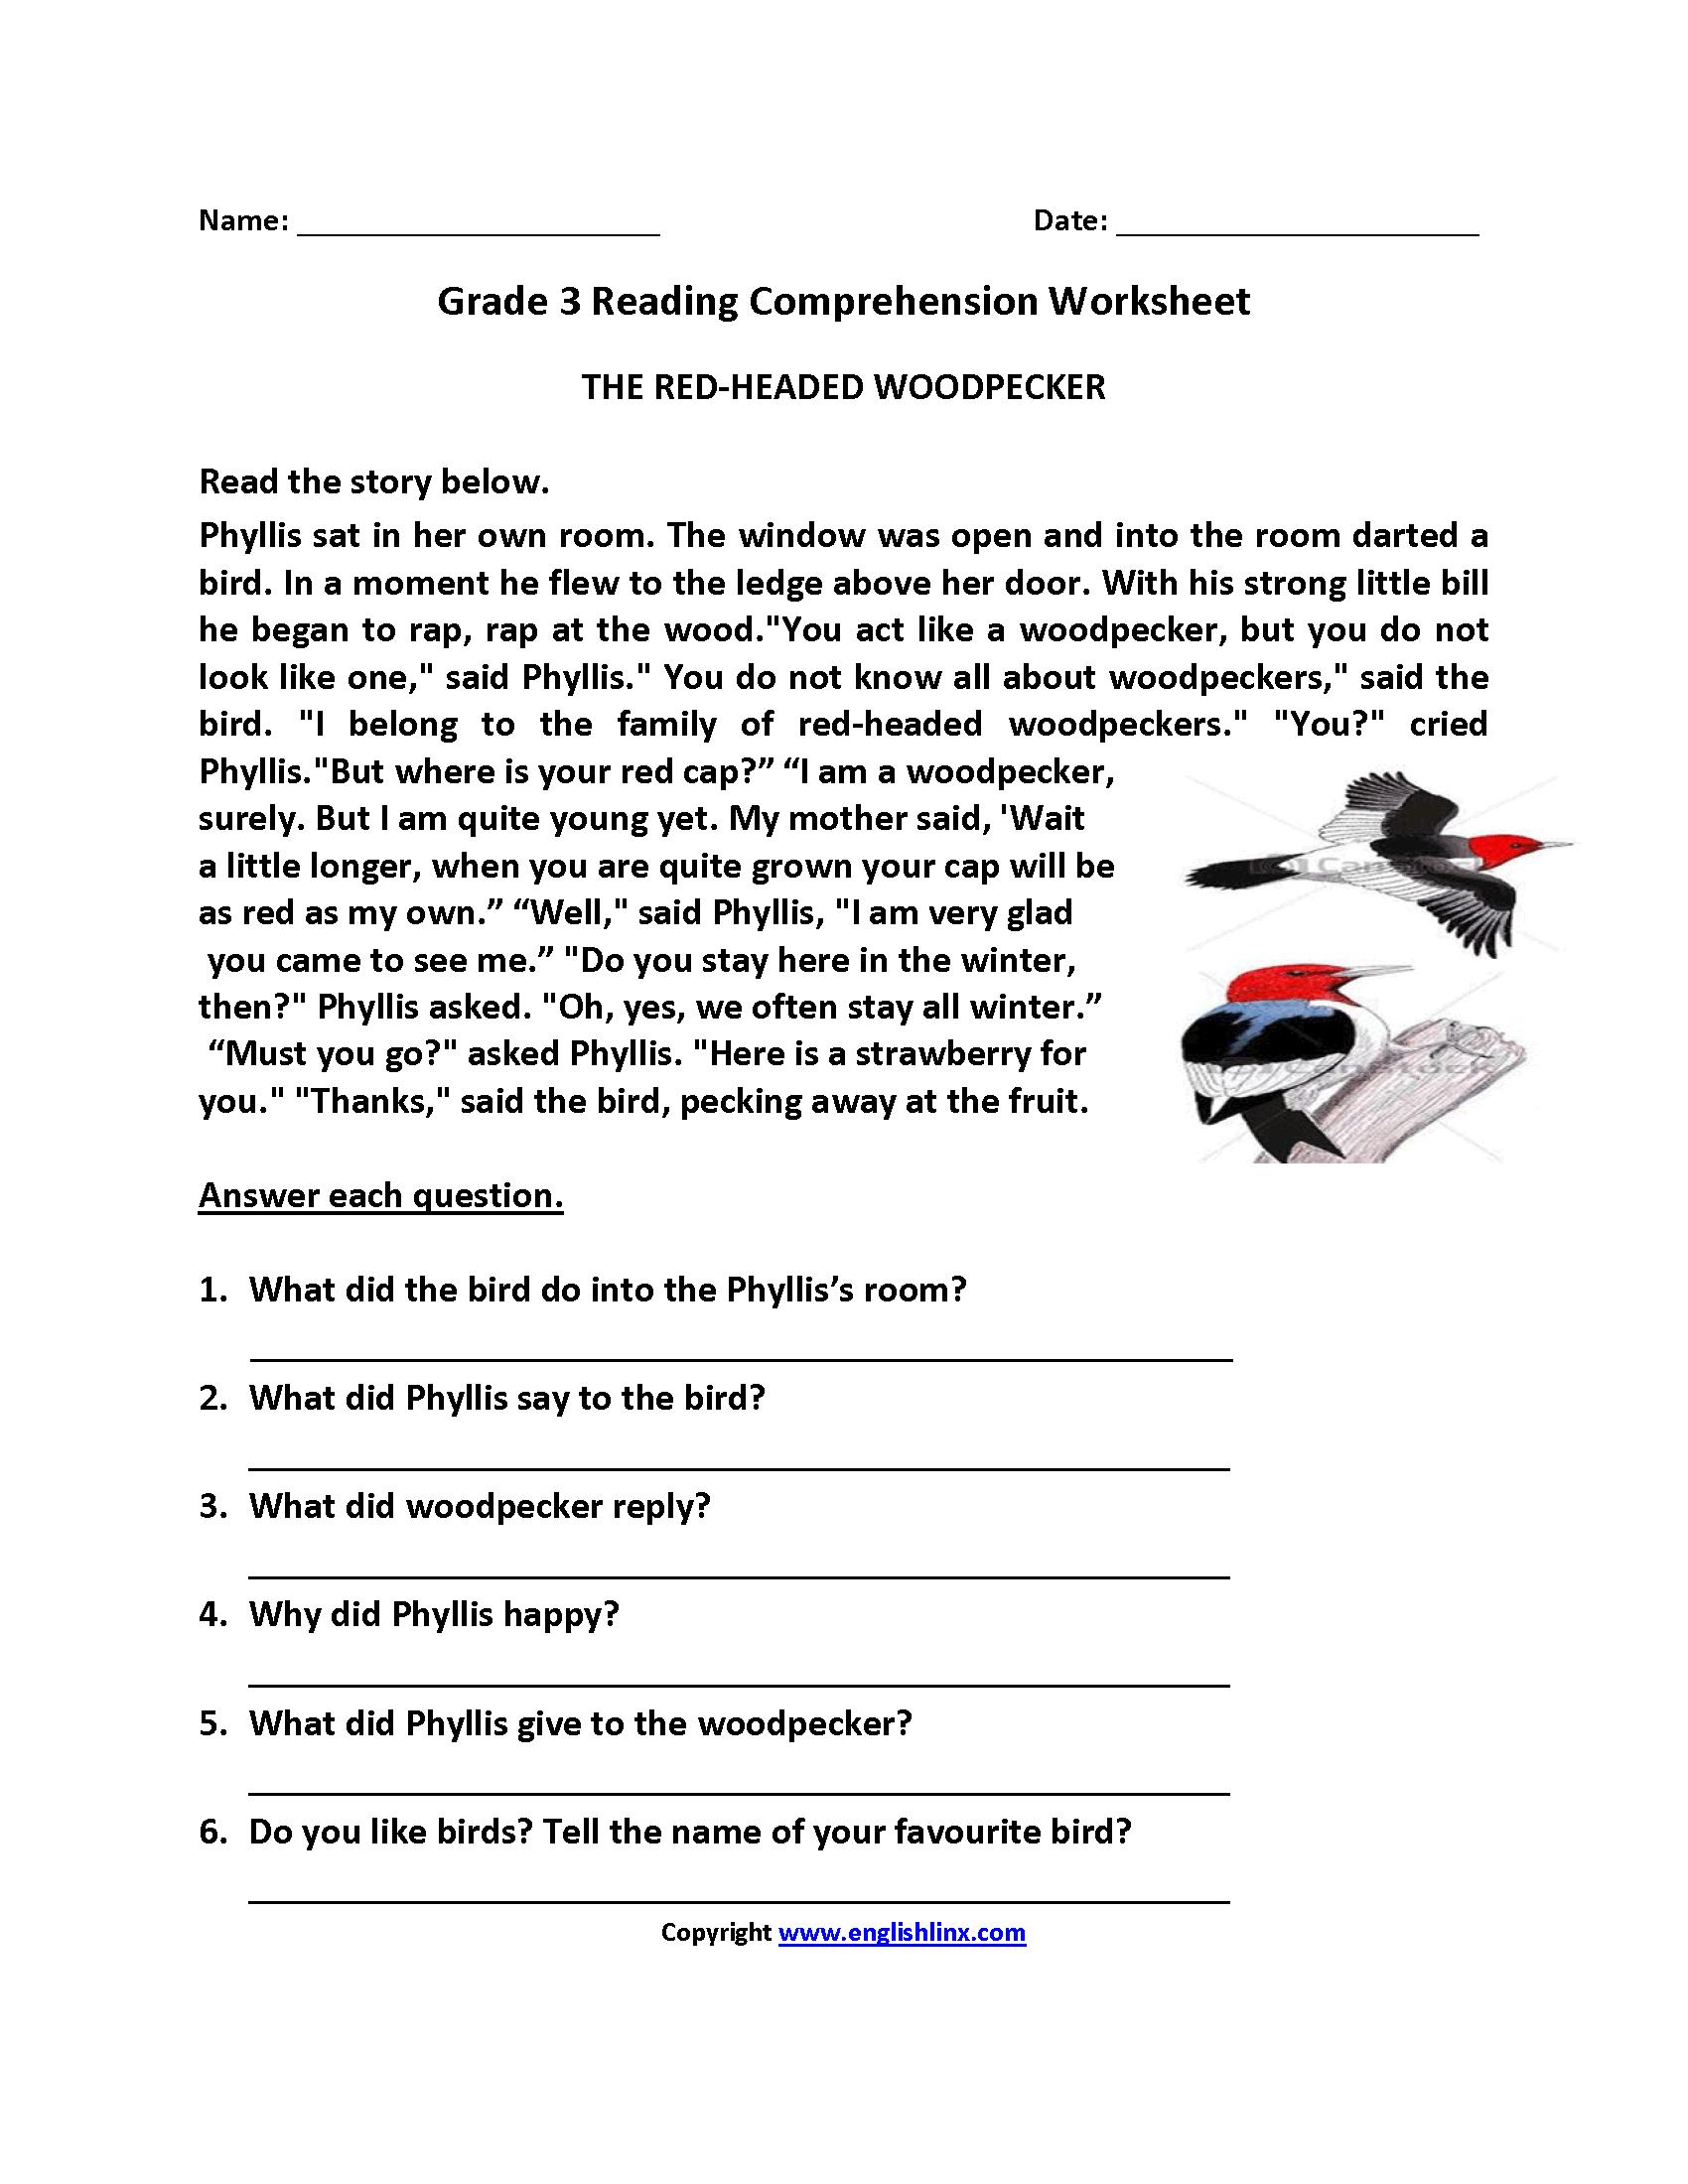 Reading Worksheets  Third Grade Reading Worksheets Or 3Rd Grade Comprehension Worksheets